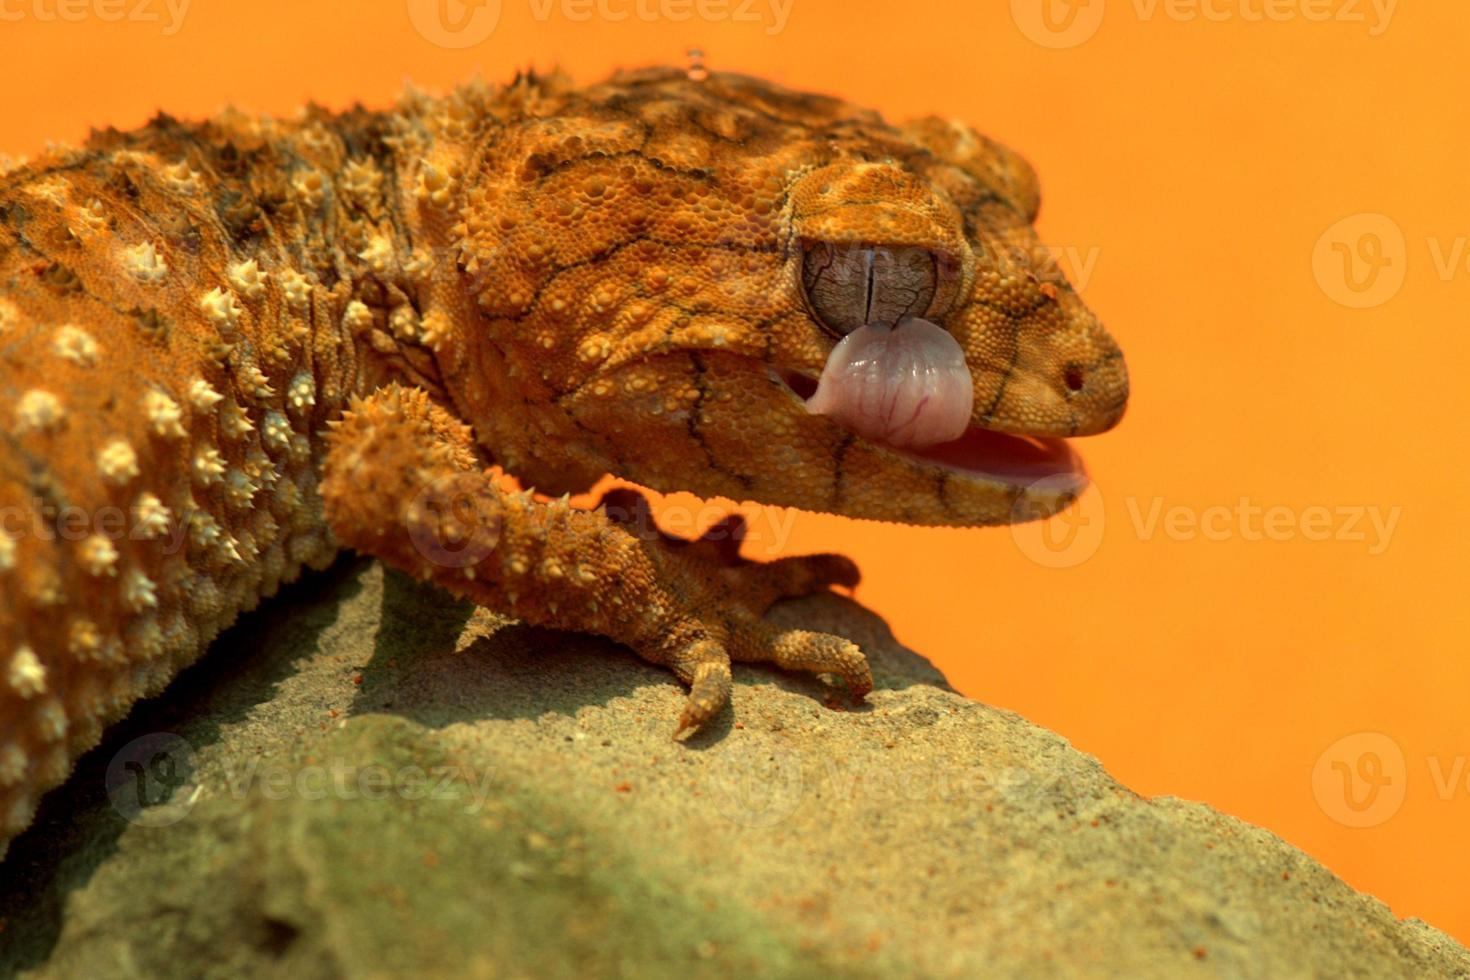 Gecko Lickiing Eye photo